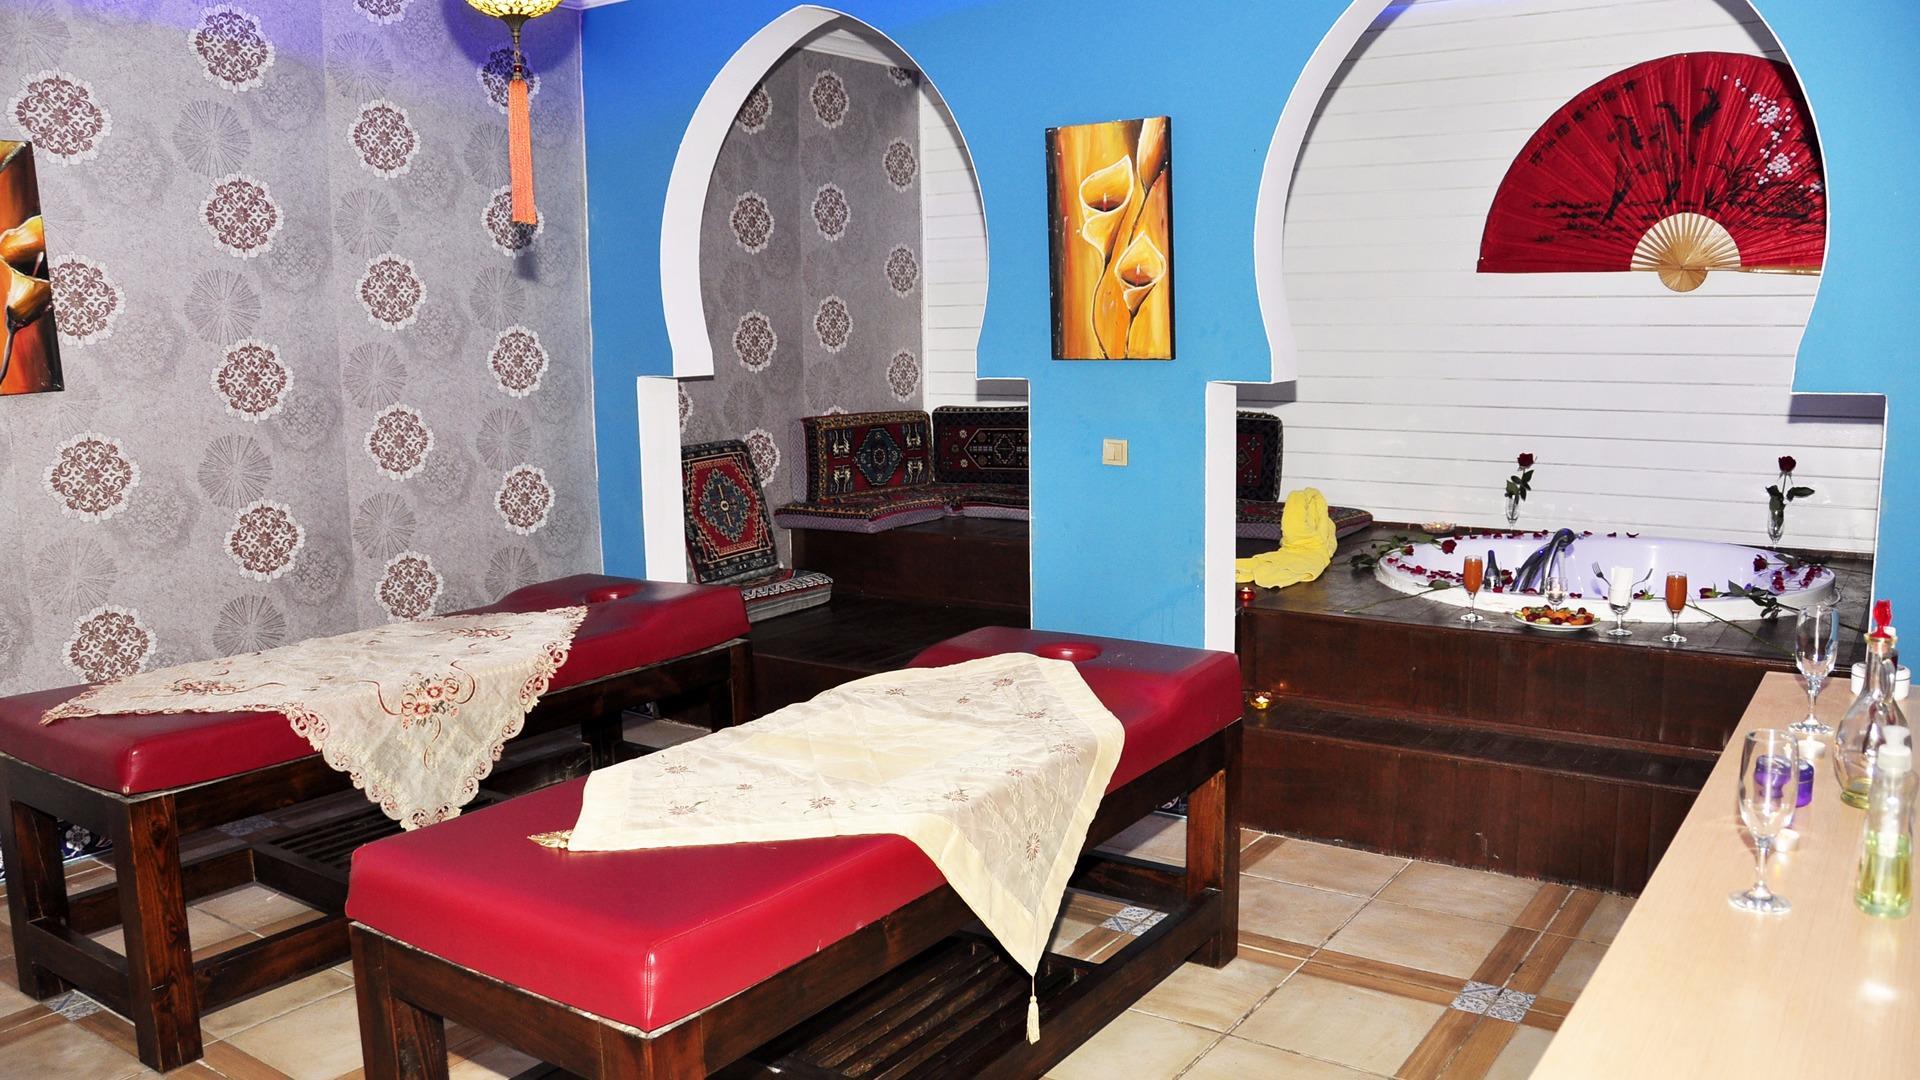 nox-inn-club-hotel-genel-0018